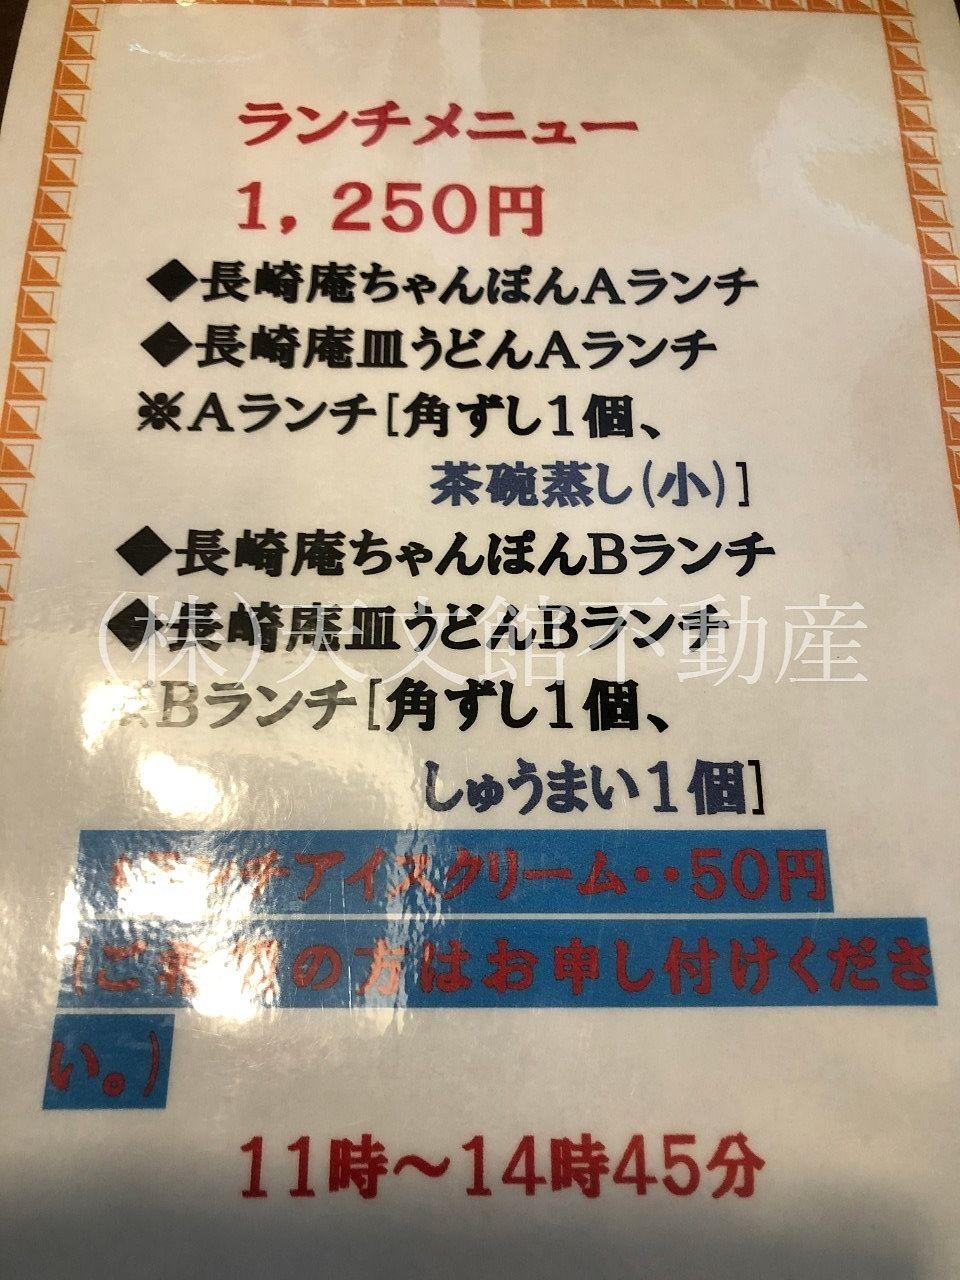 鹿児島市城山町の長崎庵はランチメニューがおすすめです。